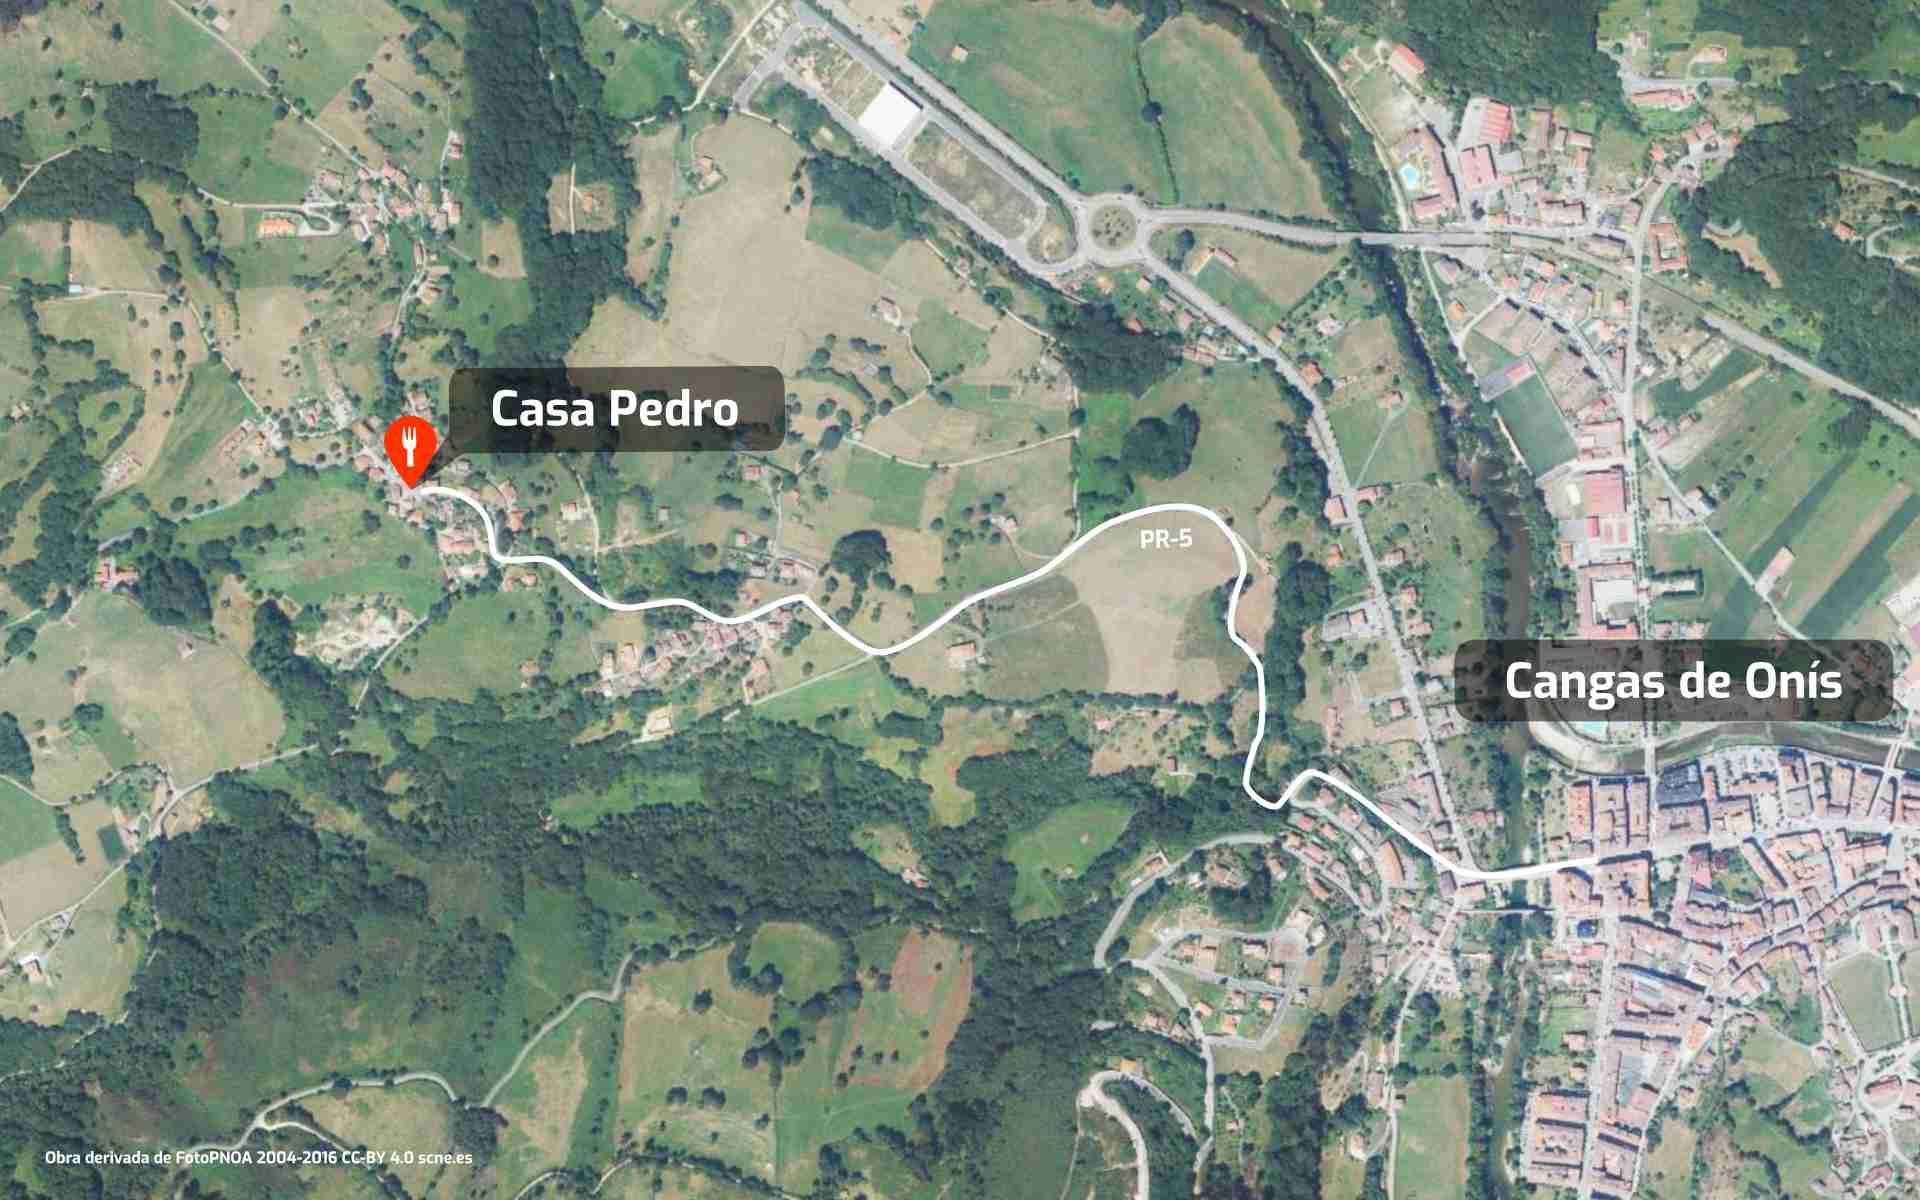 Mapa de cómo llegar al restaurante Casa Pedro en Parres, Cangas de Onís, Asturias.